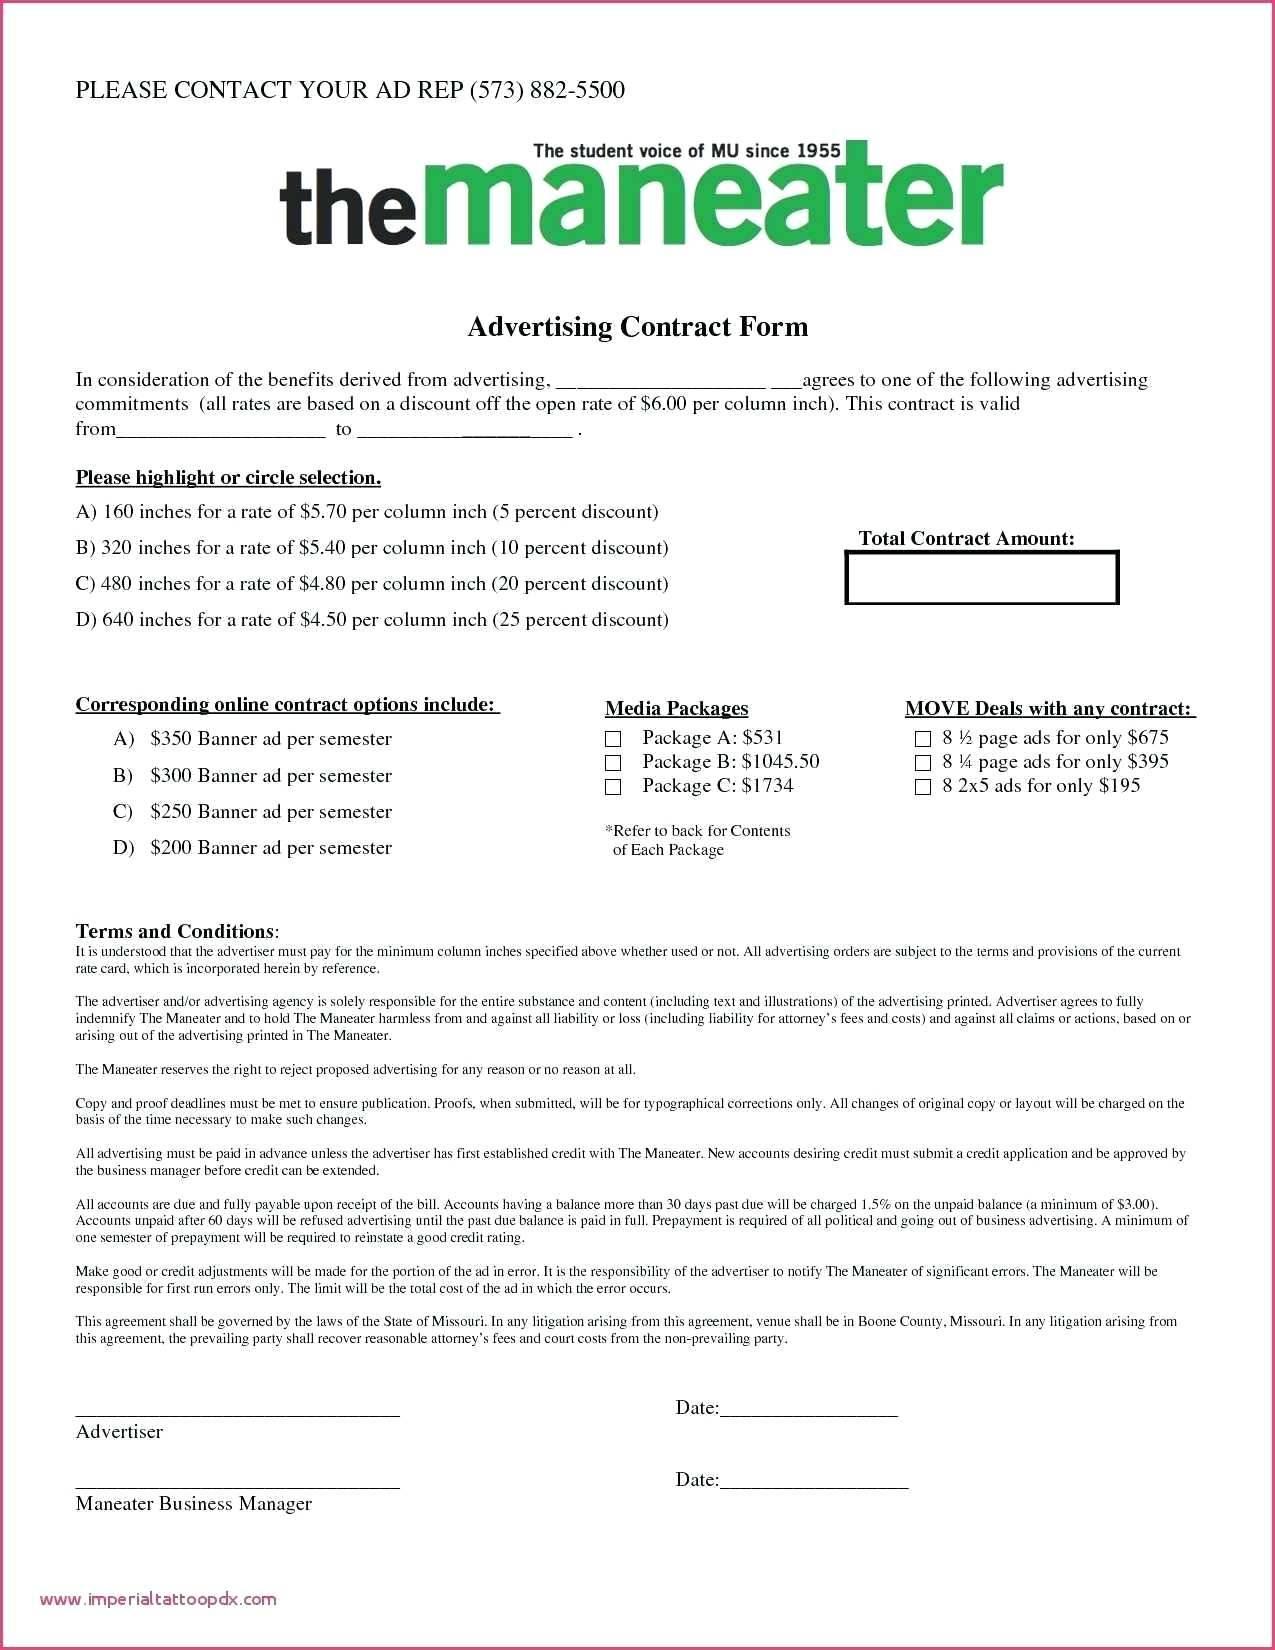 Wedding Venue Contract Form